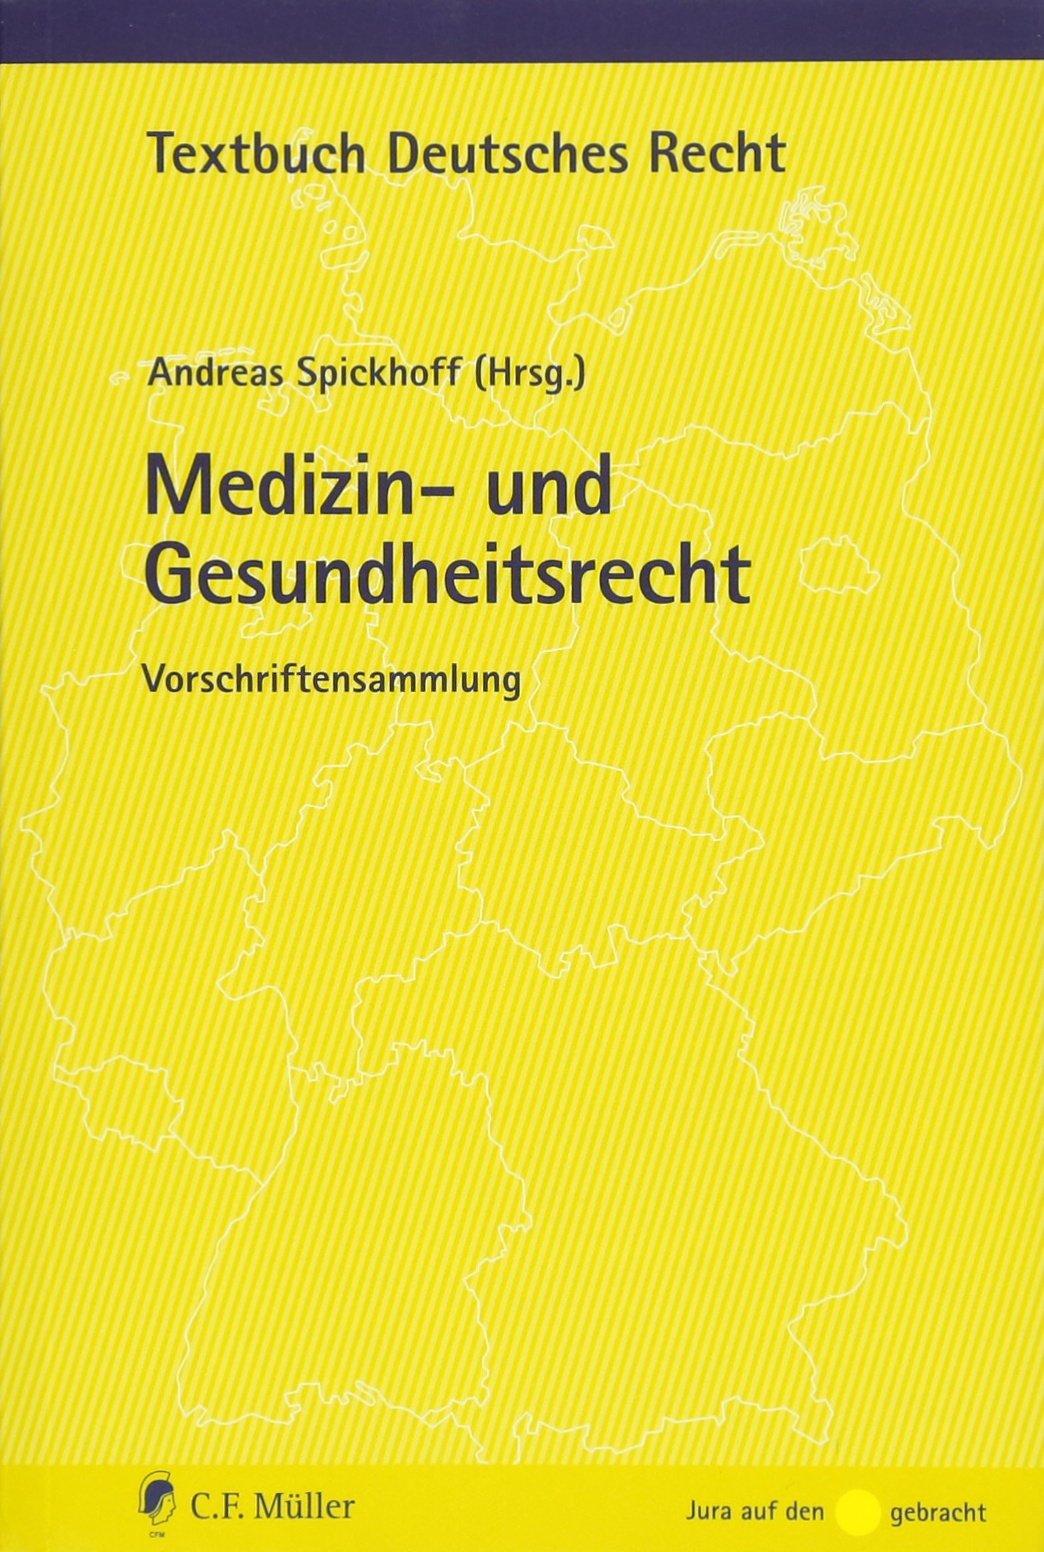 Medizin- und Gesundheitsrecht: Vorschriftensammlung (Textbuch Deutsches Recht)